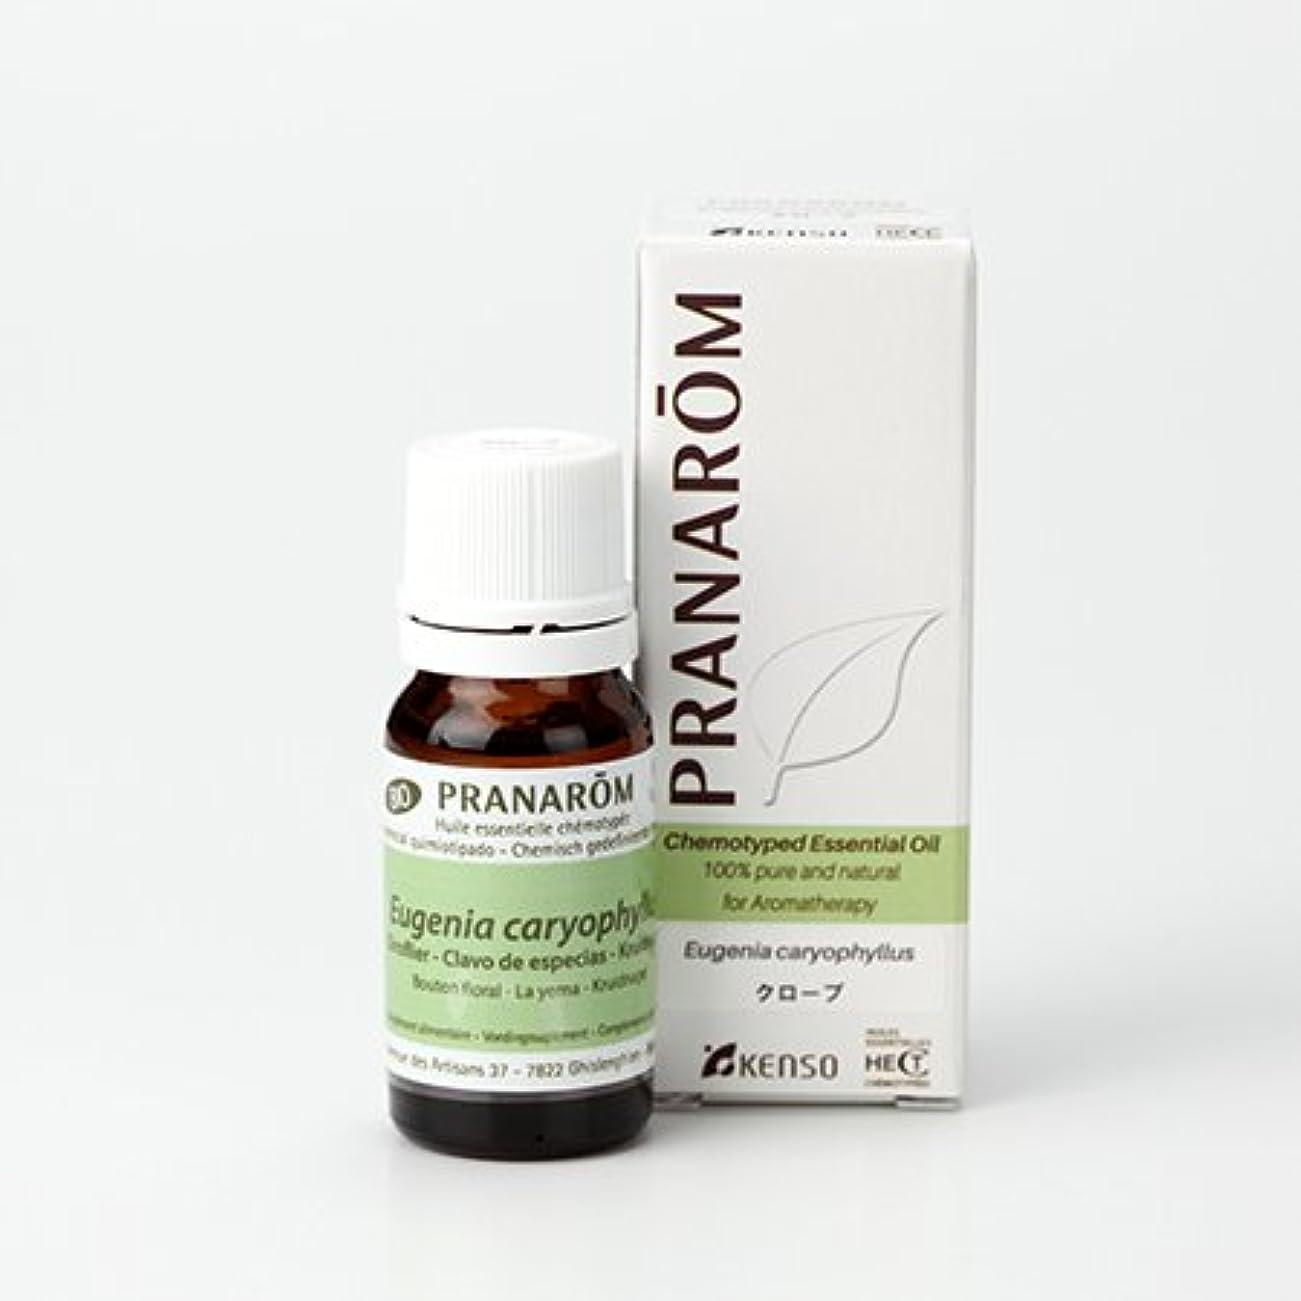 味付けスタウトながらプラナロム ( PRANAROM ) 精油 クローブ 10ml p-71